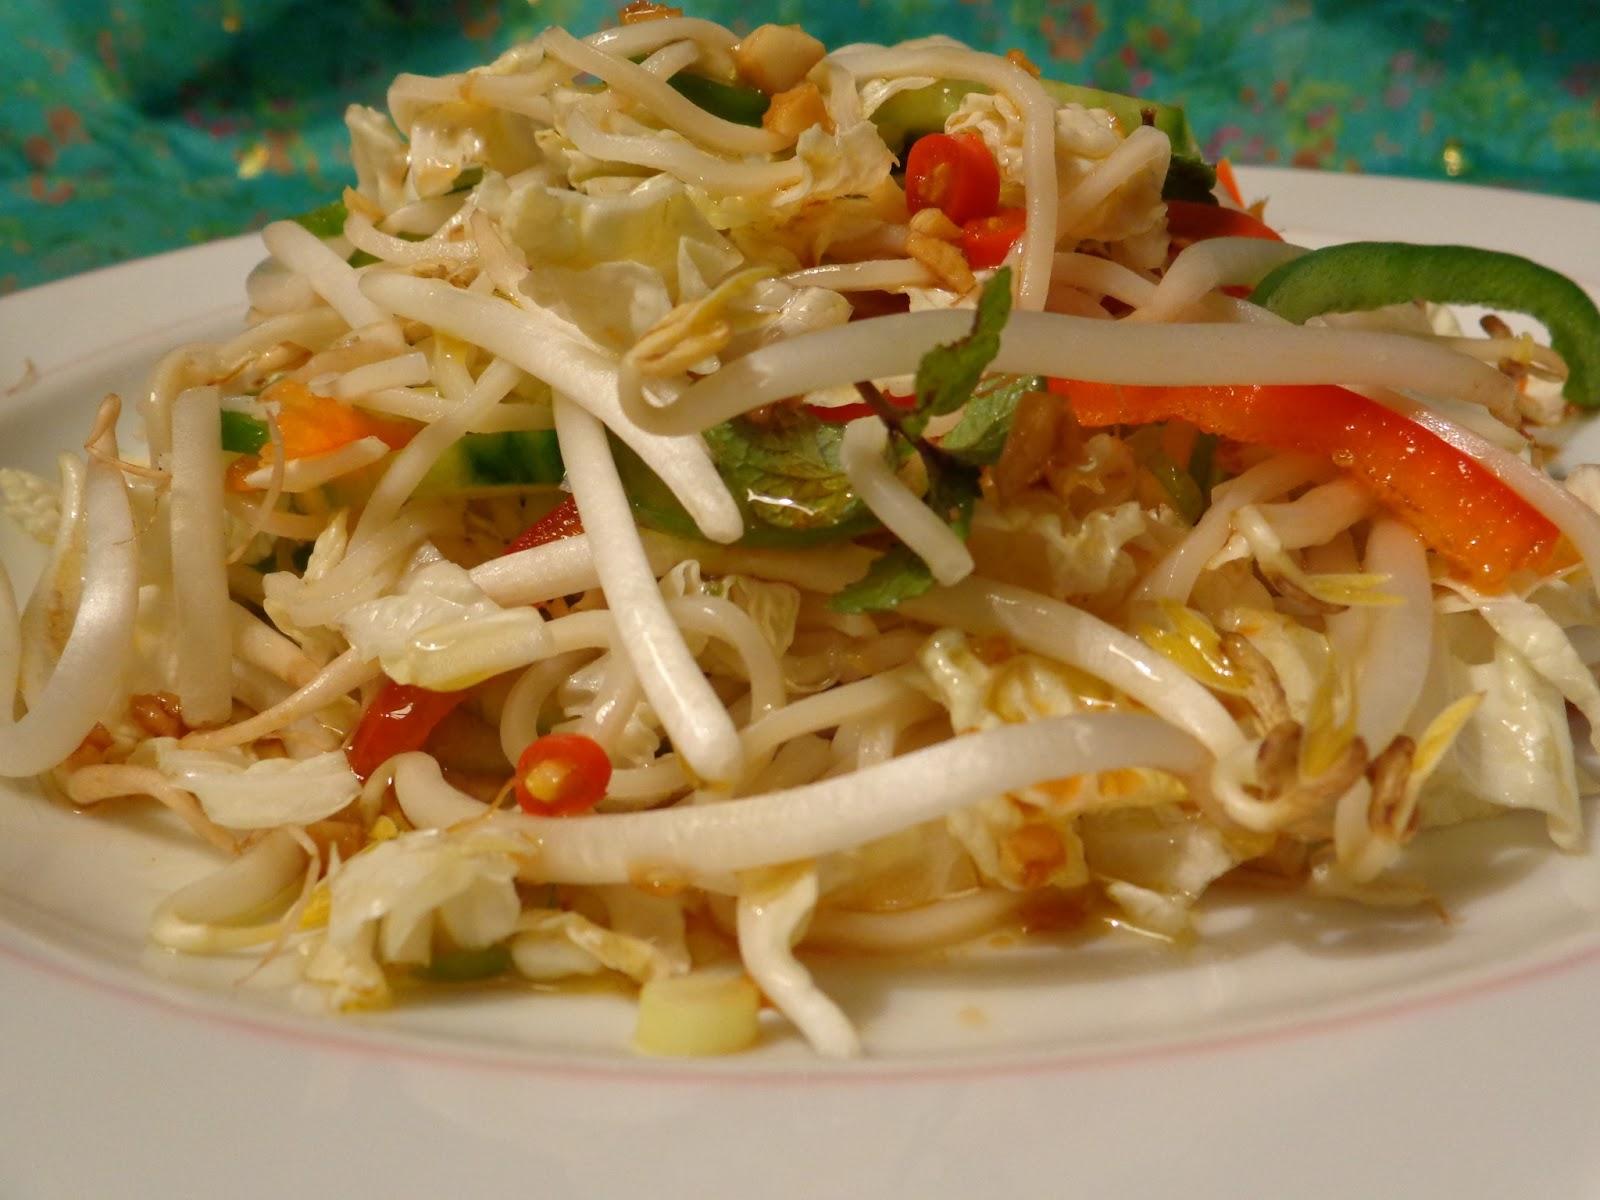 Thaise salade van jamie